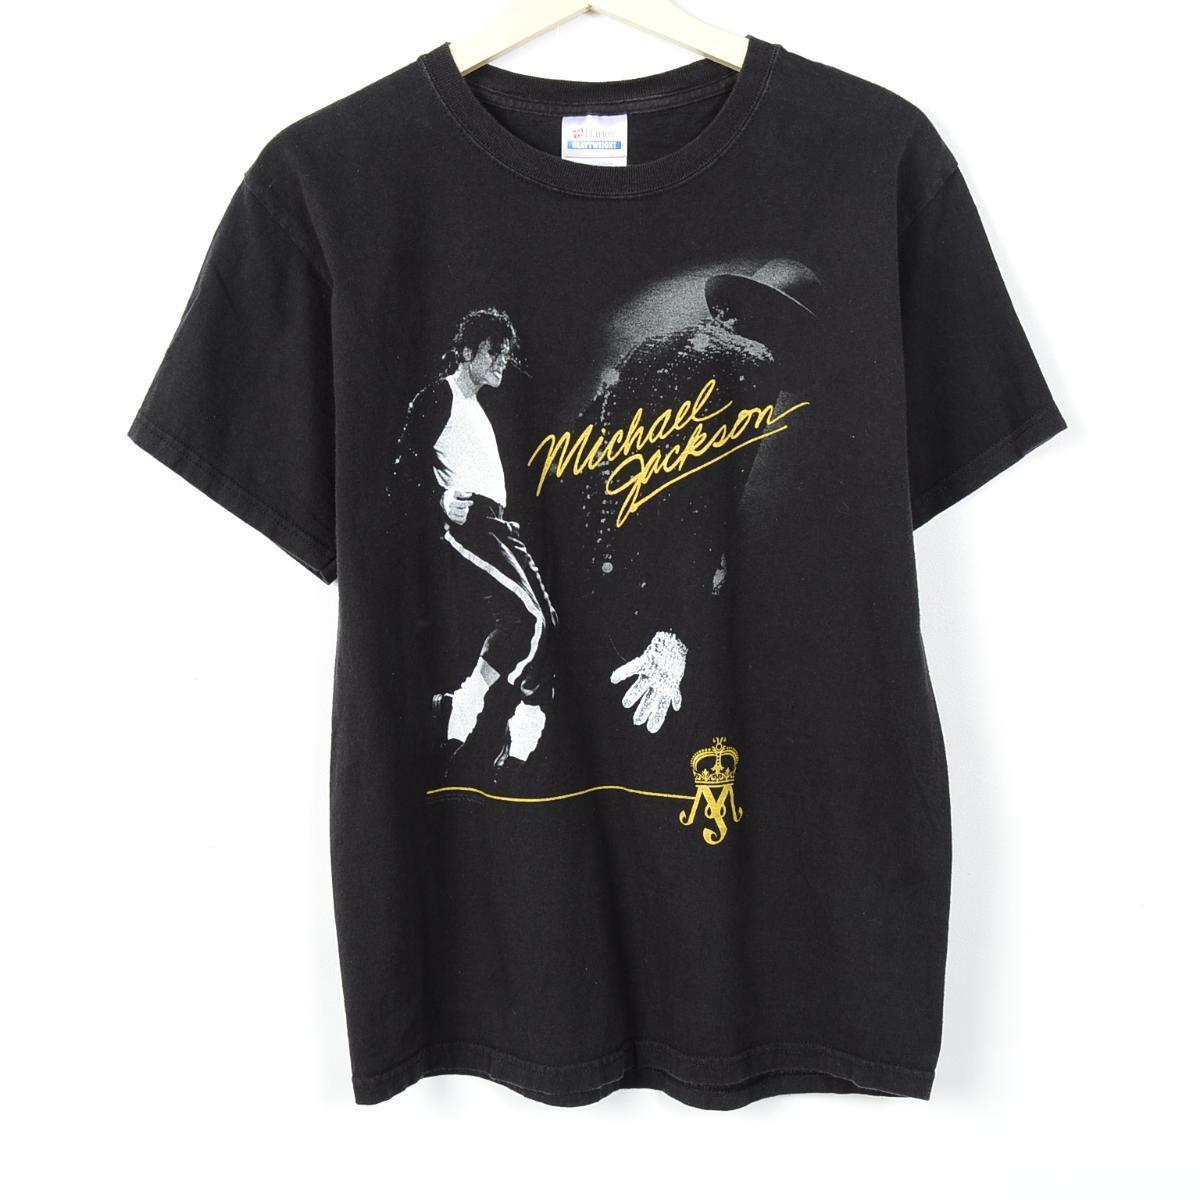 ヘインズ マイケル ジャクソン バンドTシャツ メンズM Hanes /weq1247 【古着屋JAM】【中古】 160418【532P19Apr16】